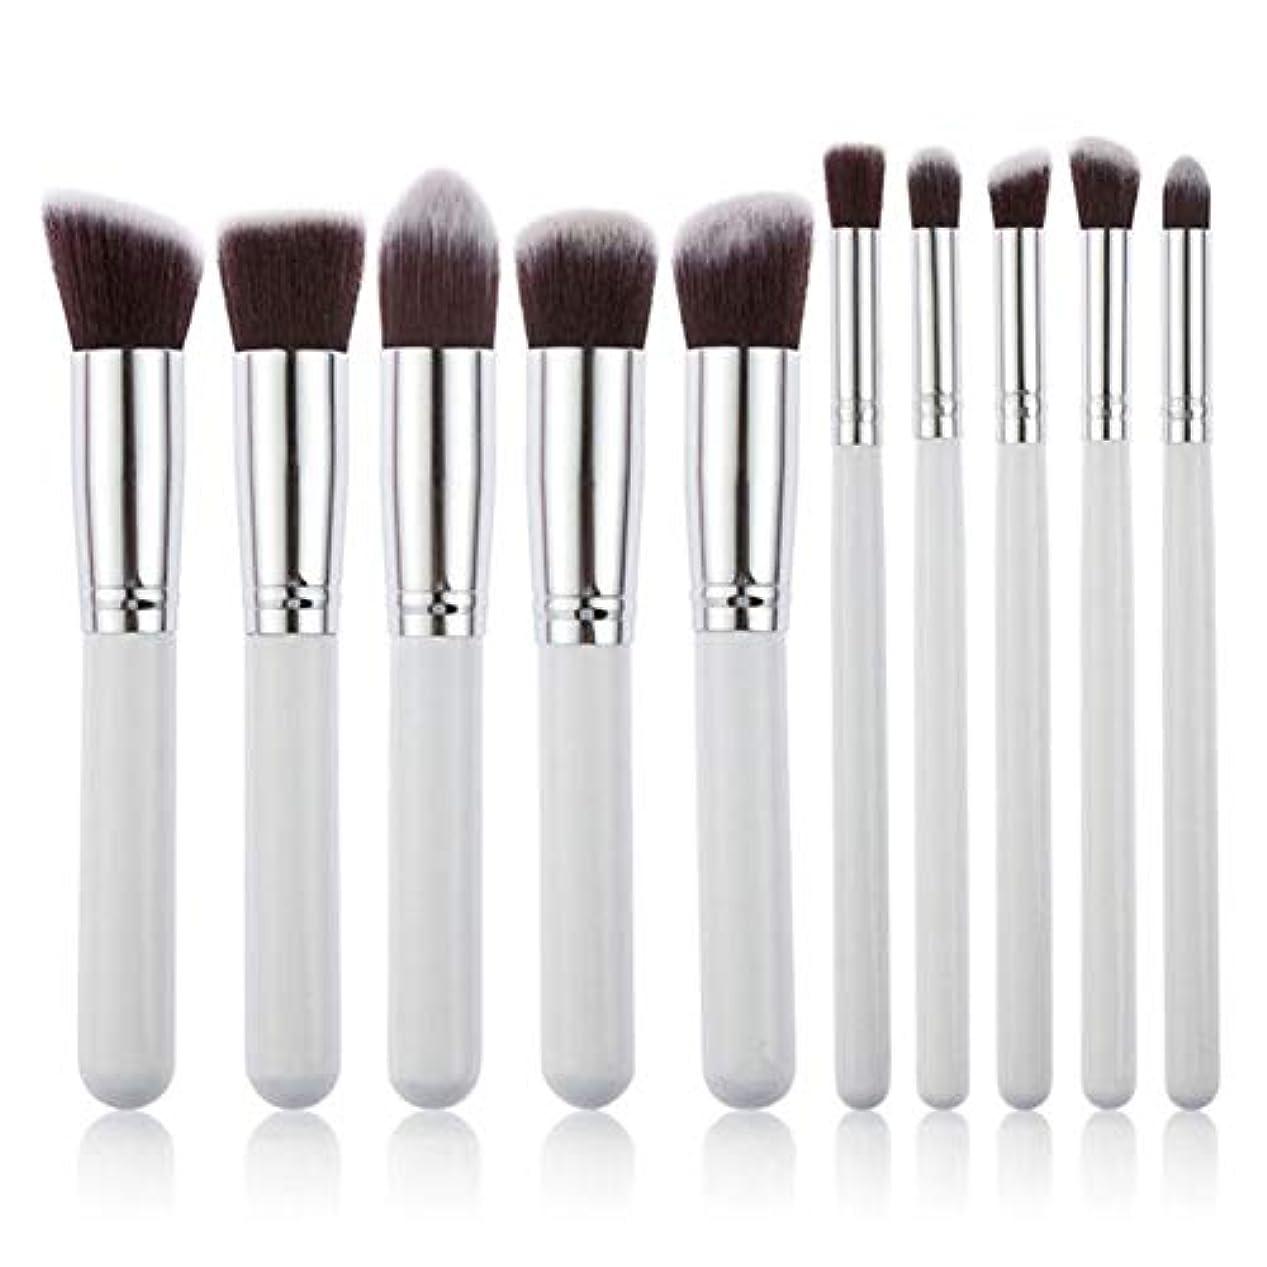 安全子孫物語Makeup brushes 10ピースWhiteMakeupブラシセットモダンスラックパウダーブラシアイシャドウブラシコンターブラシ suits (Color : White Silver)